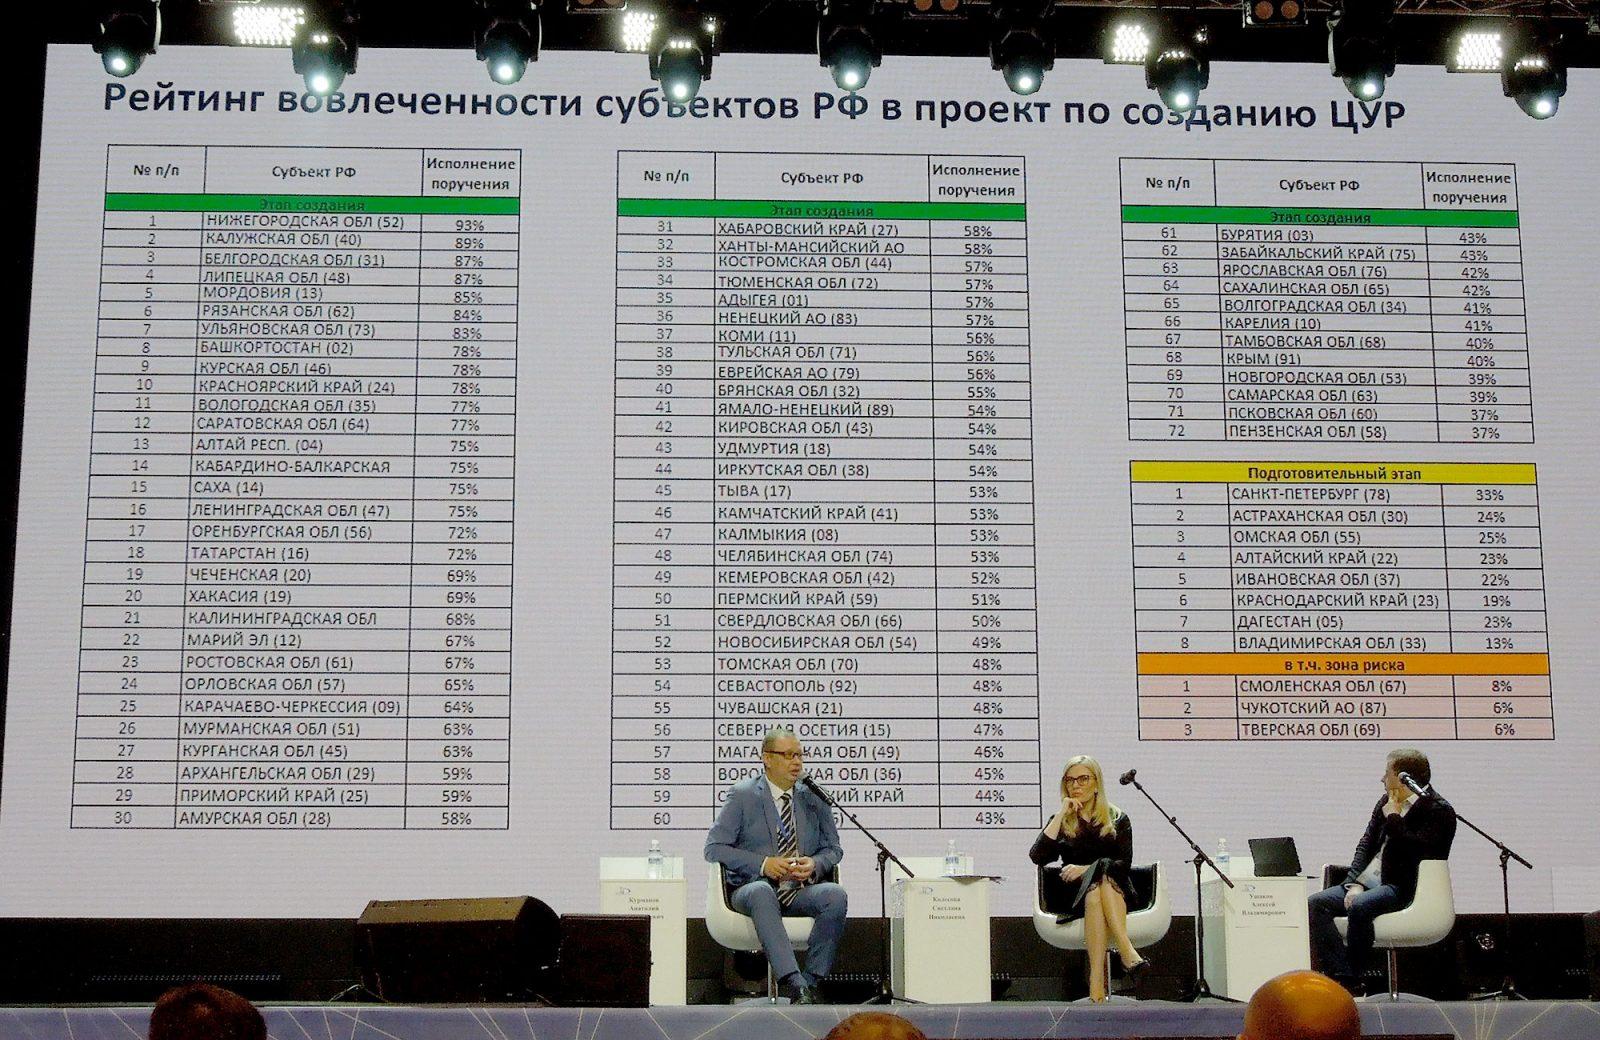 Разработаны правила предоставления субсидии АНО «Диалог Регионы» на создание и обеспечение работы ЦУР